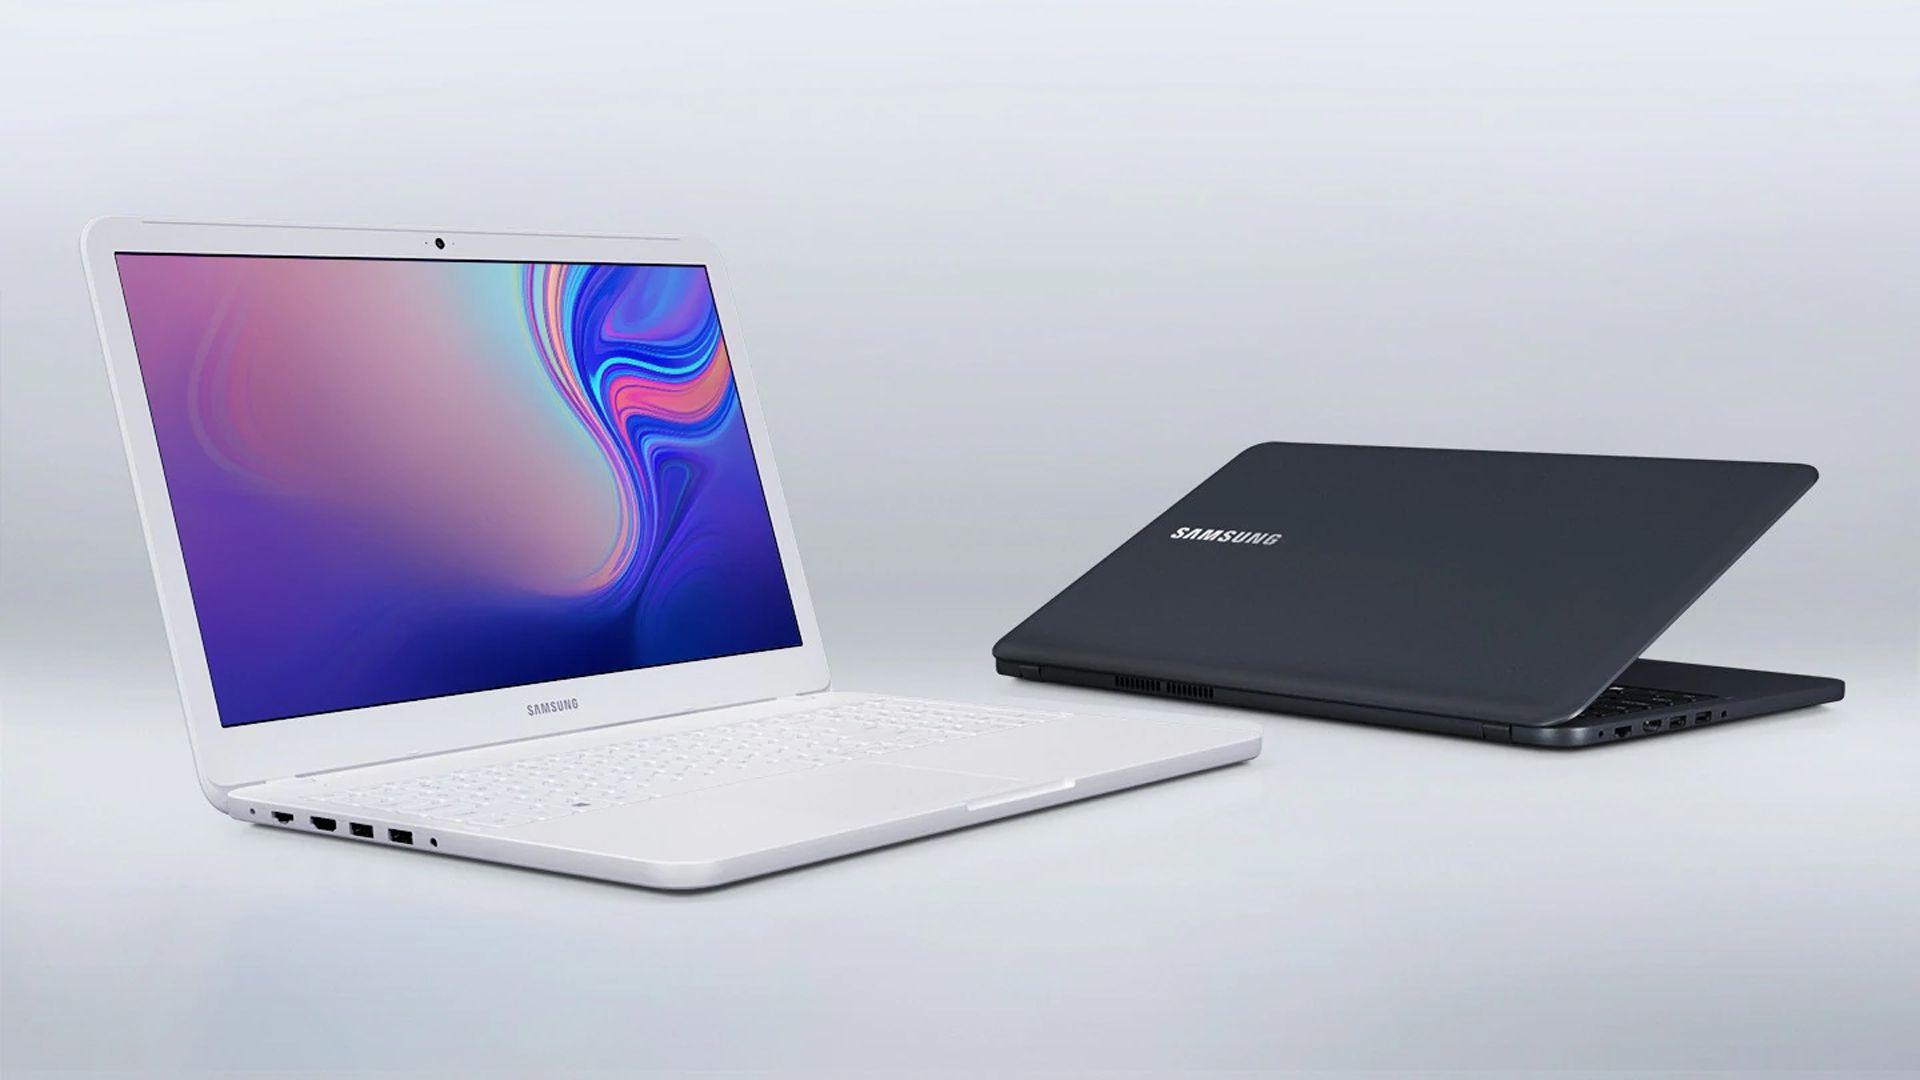 Samsung Expert X40 é um notebook com boa performance, mas que peca na tela. (Foto: Divulgação/Samsung)